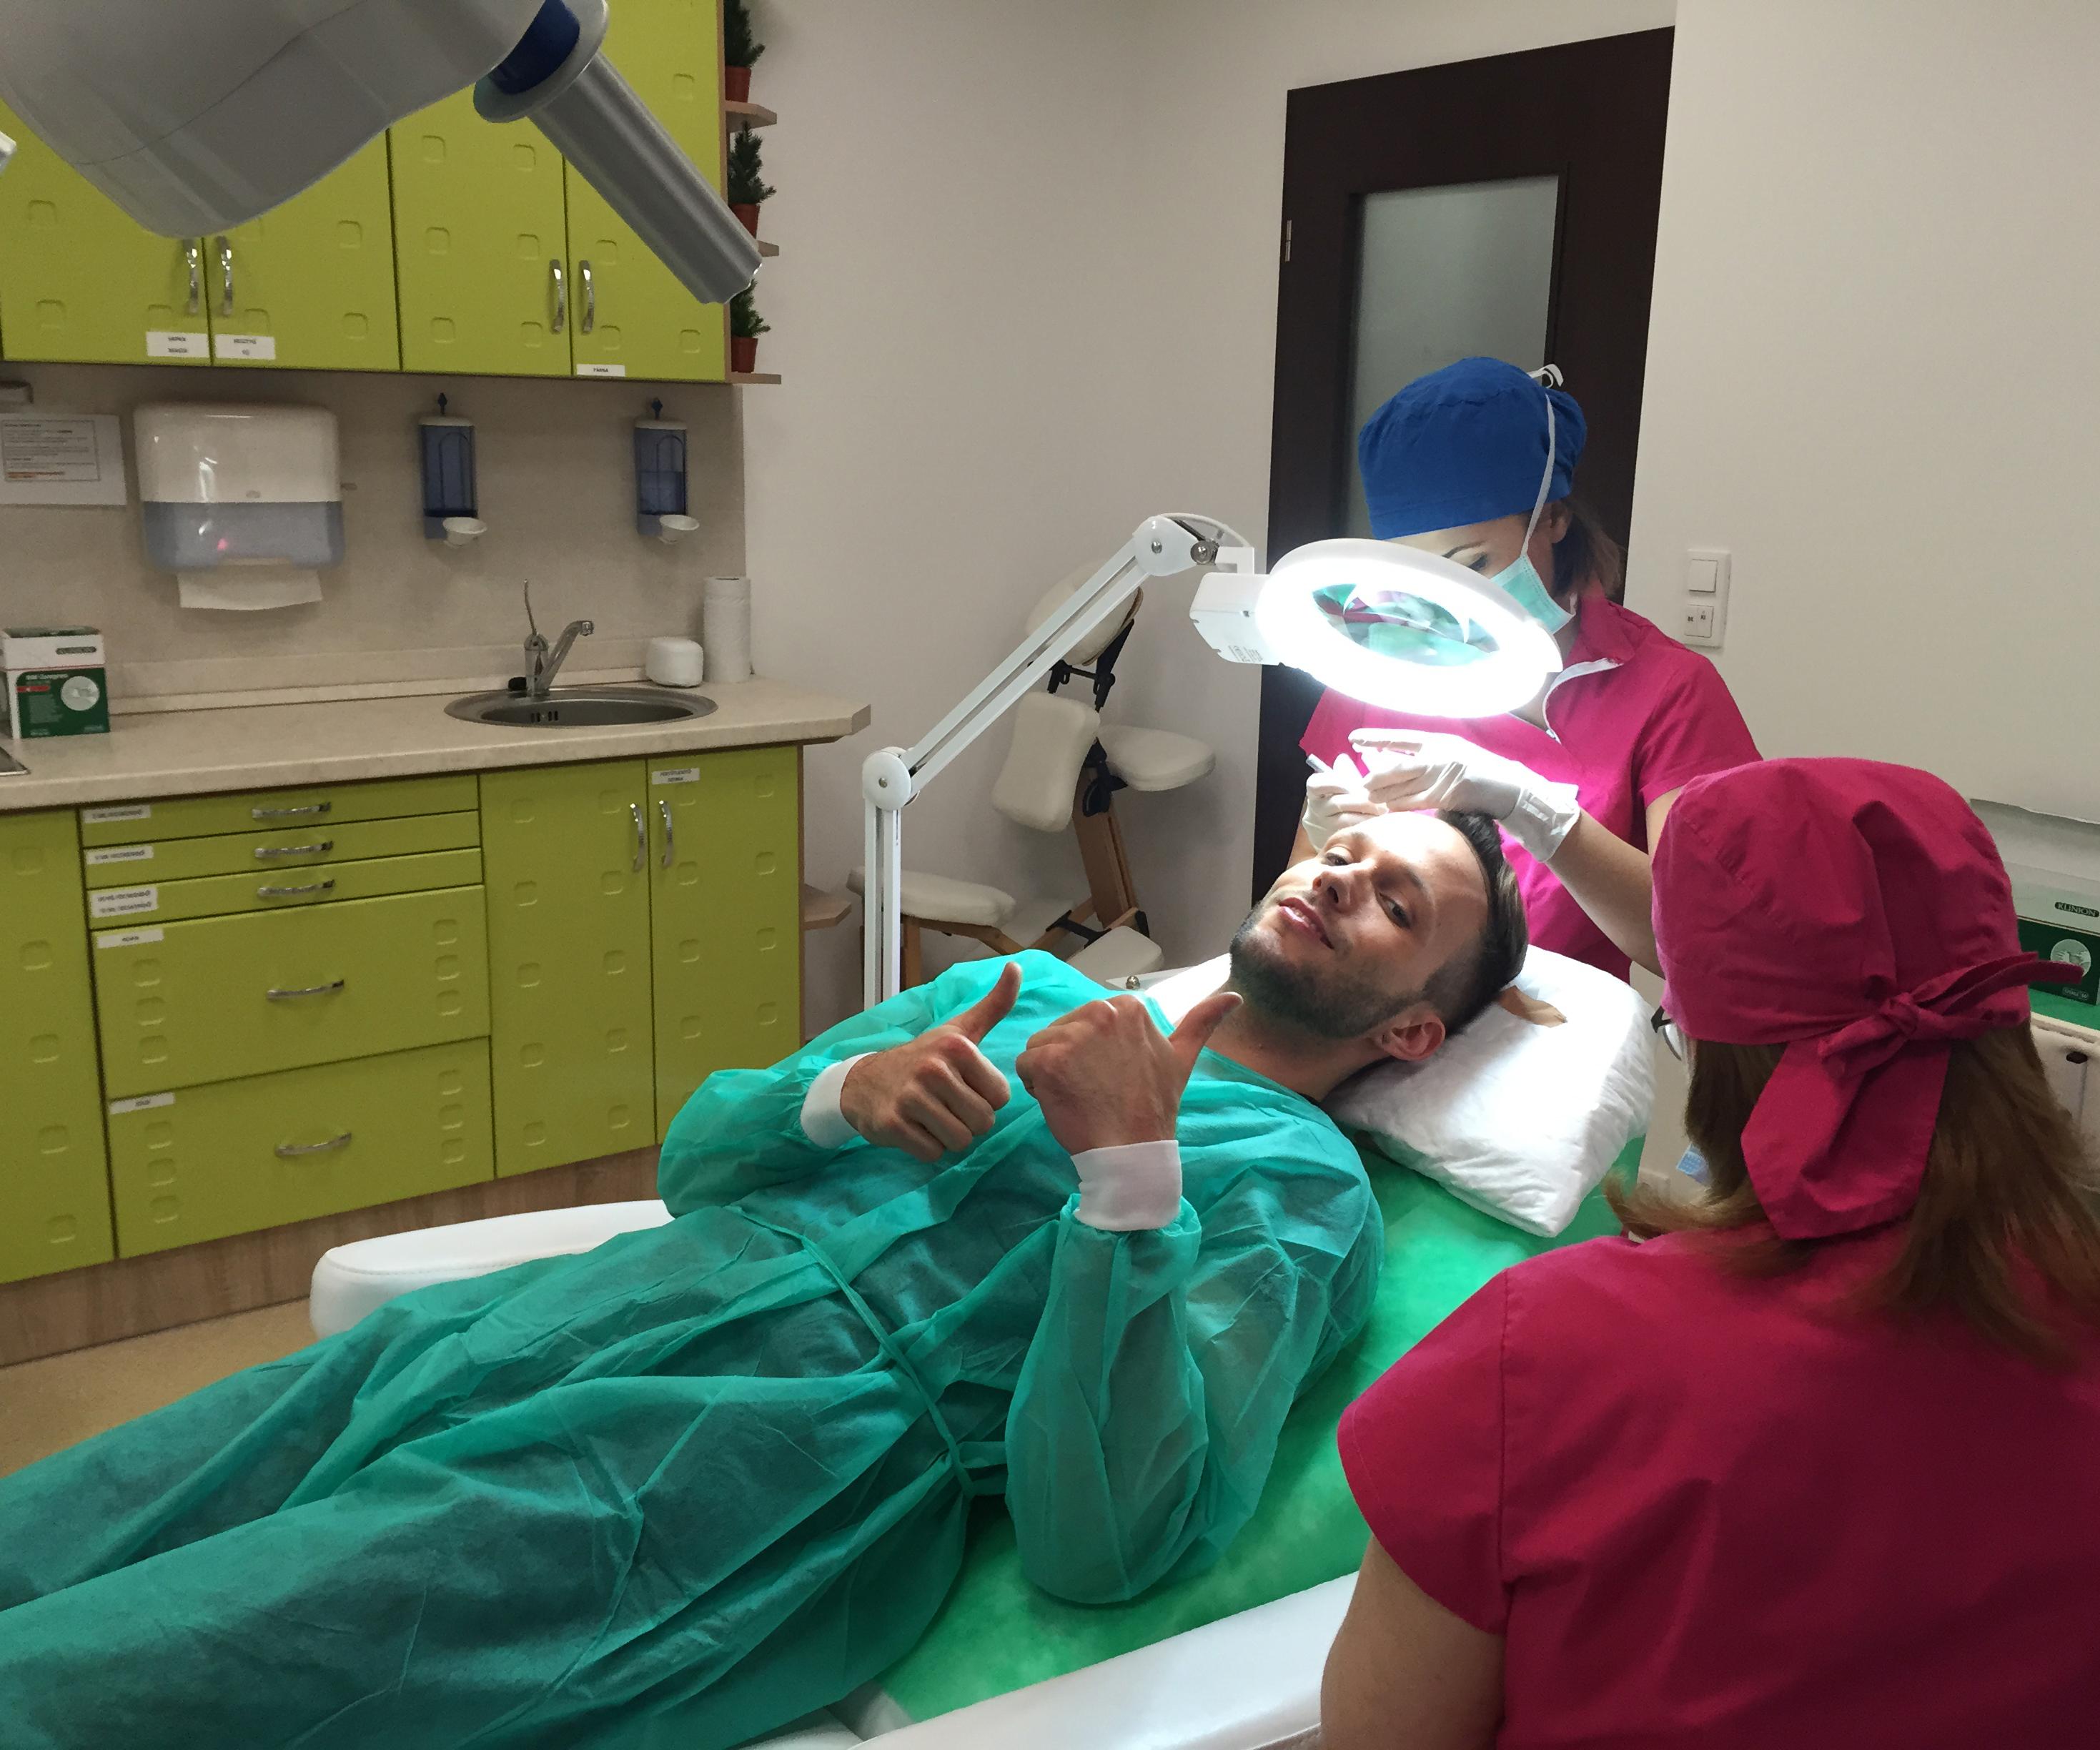 hajbeultetesi-klinika-2